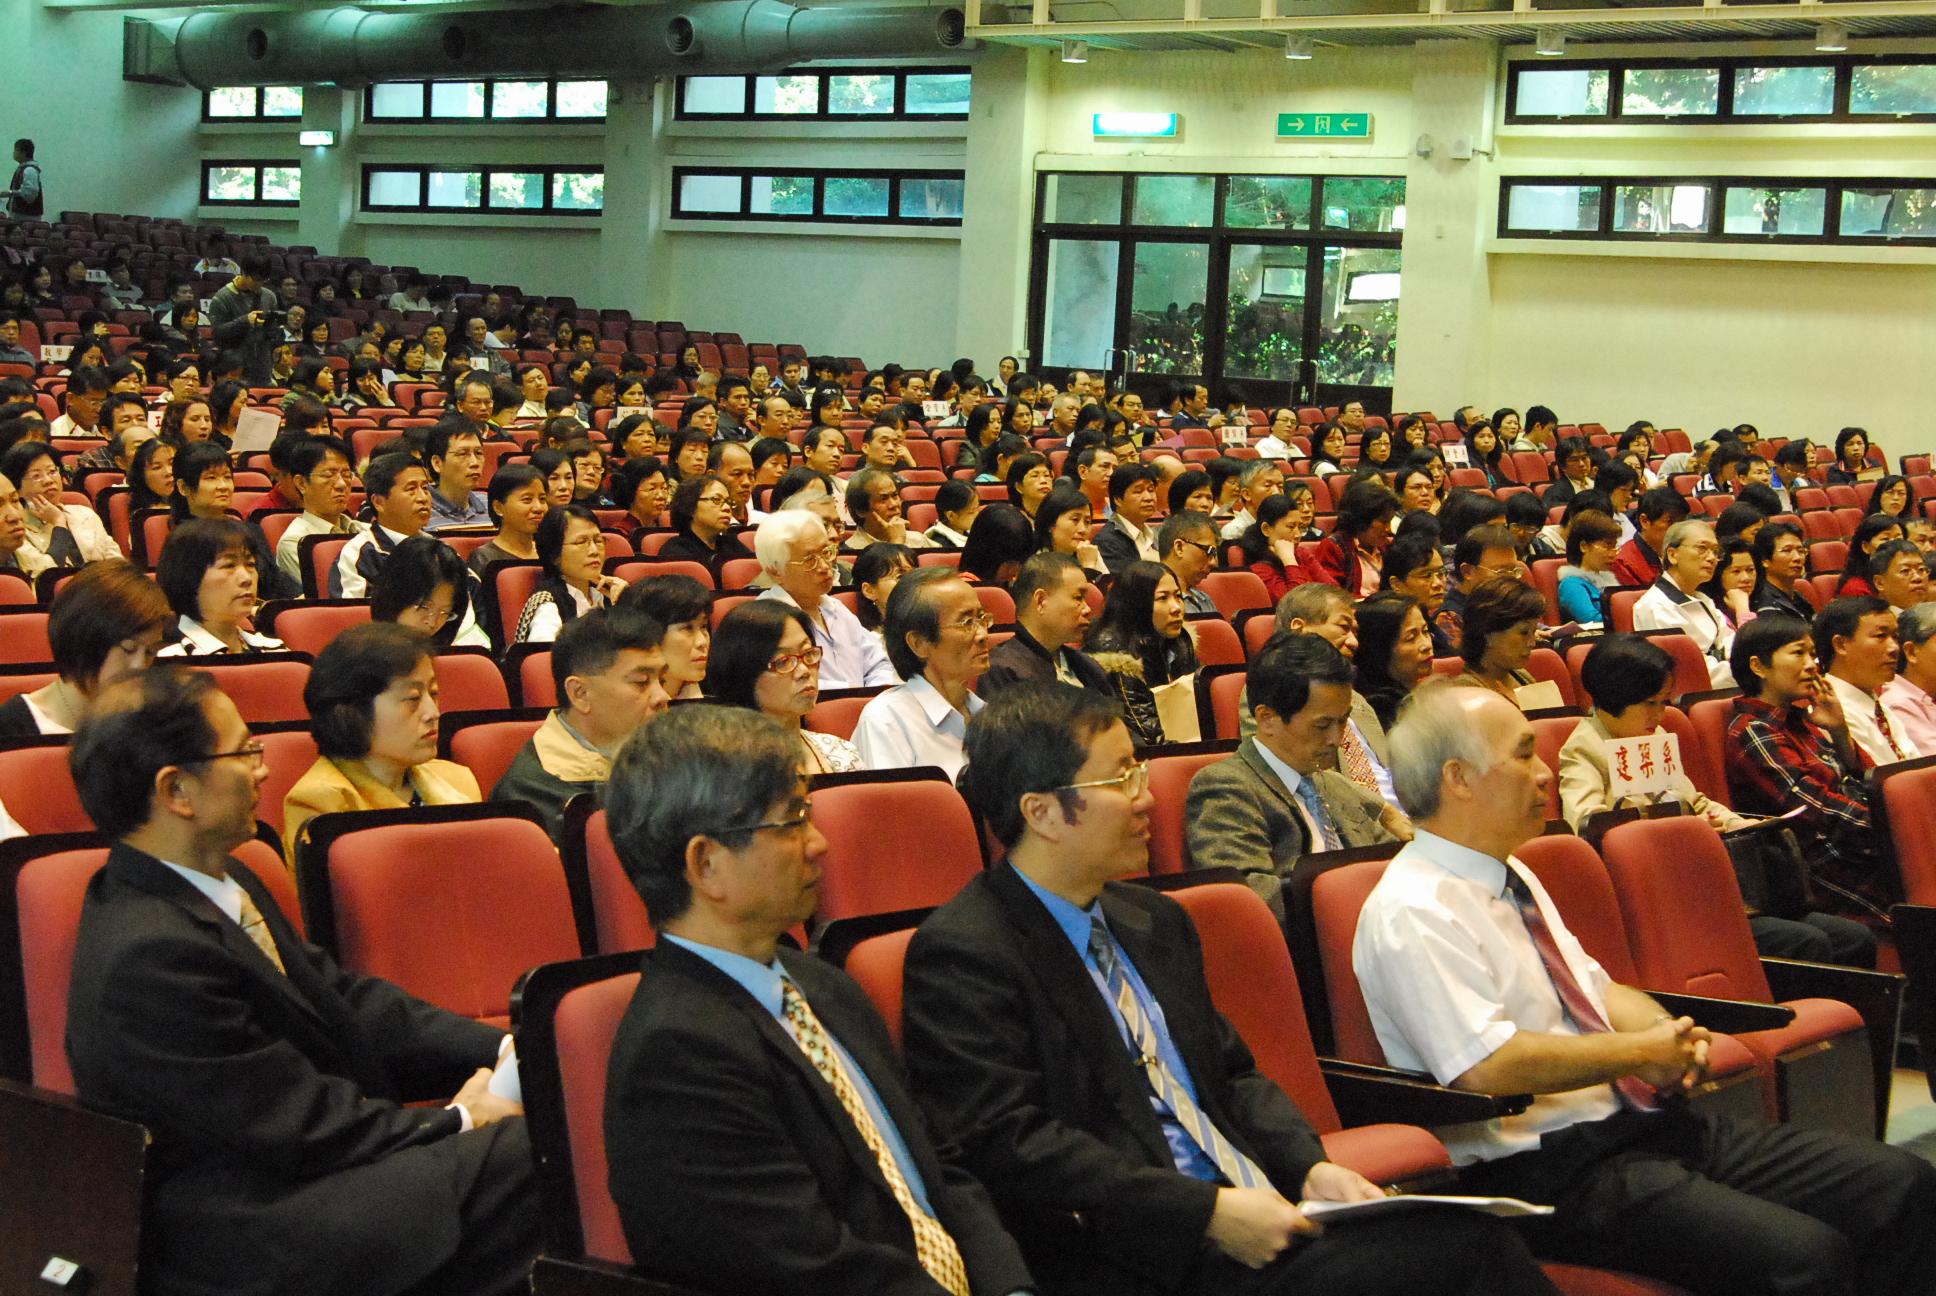 中原大學舉辦新生親師座談會 近七百位家長出席參與